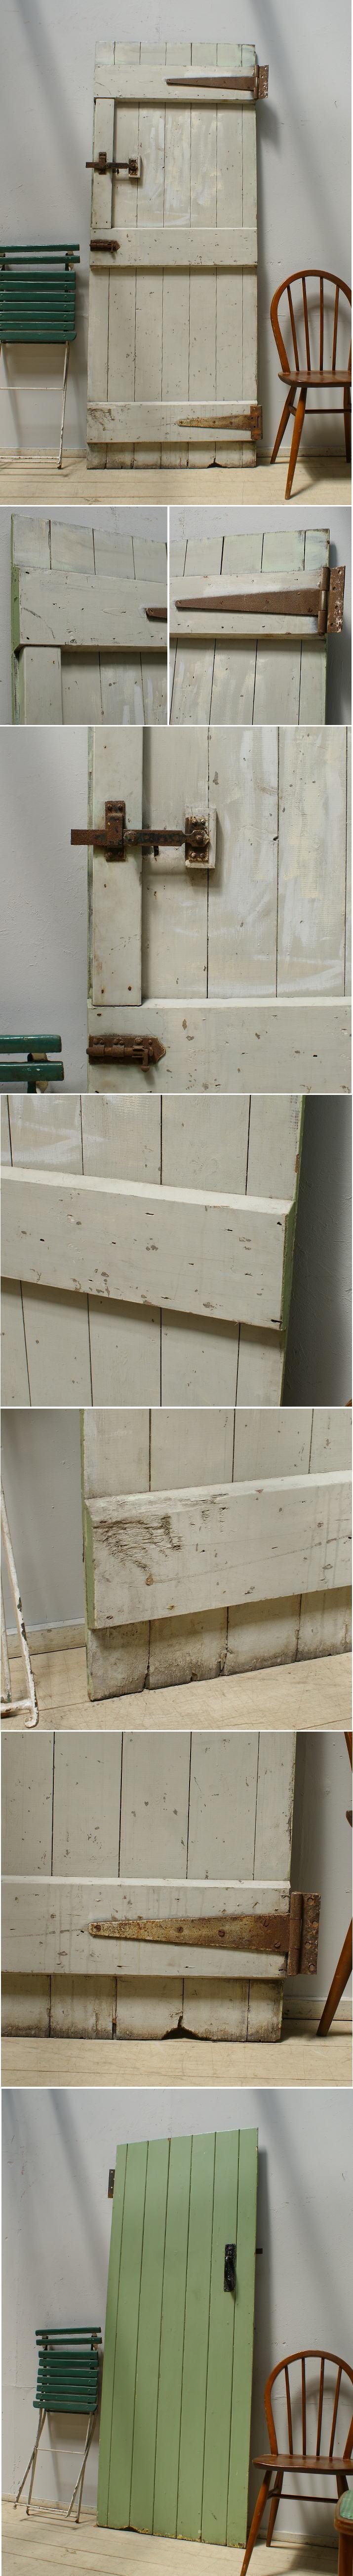 イギリス アンティーク 木製ドア 扉 ディスプレイ 建具 6269